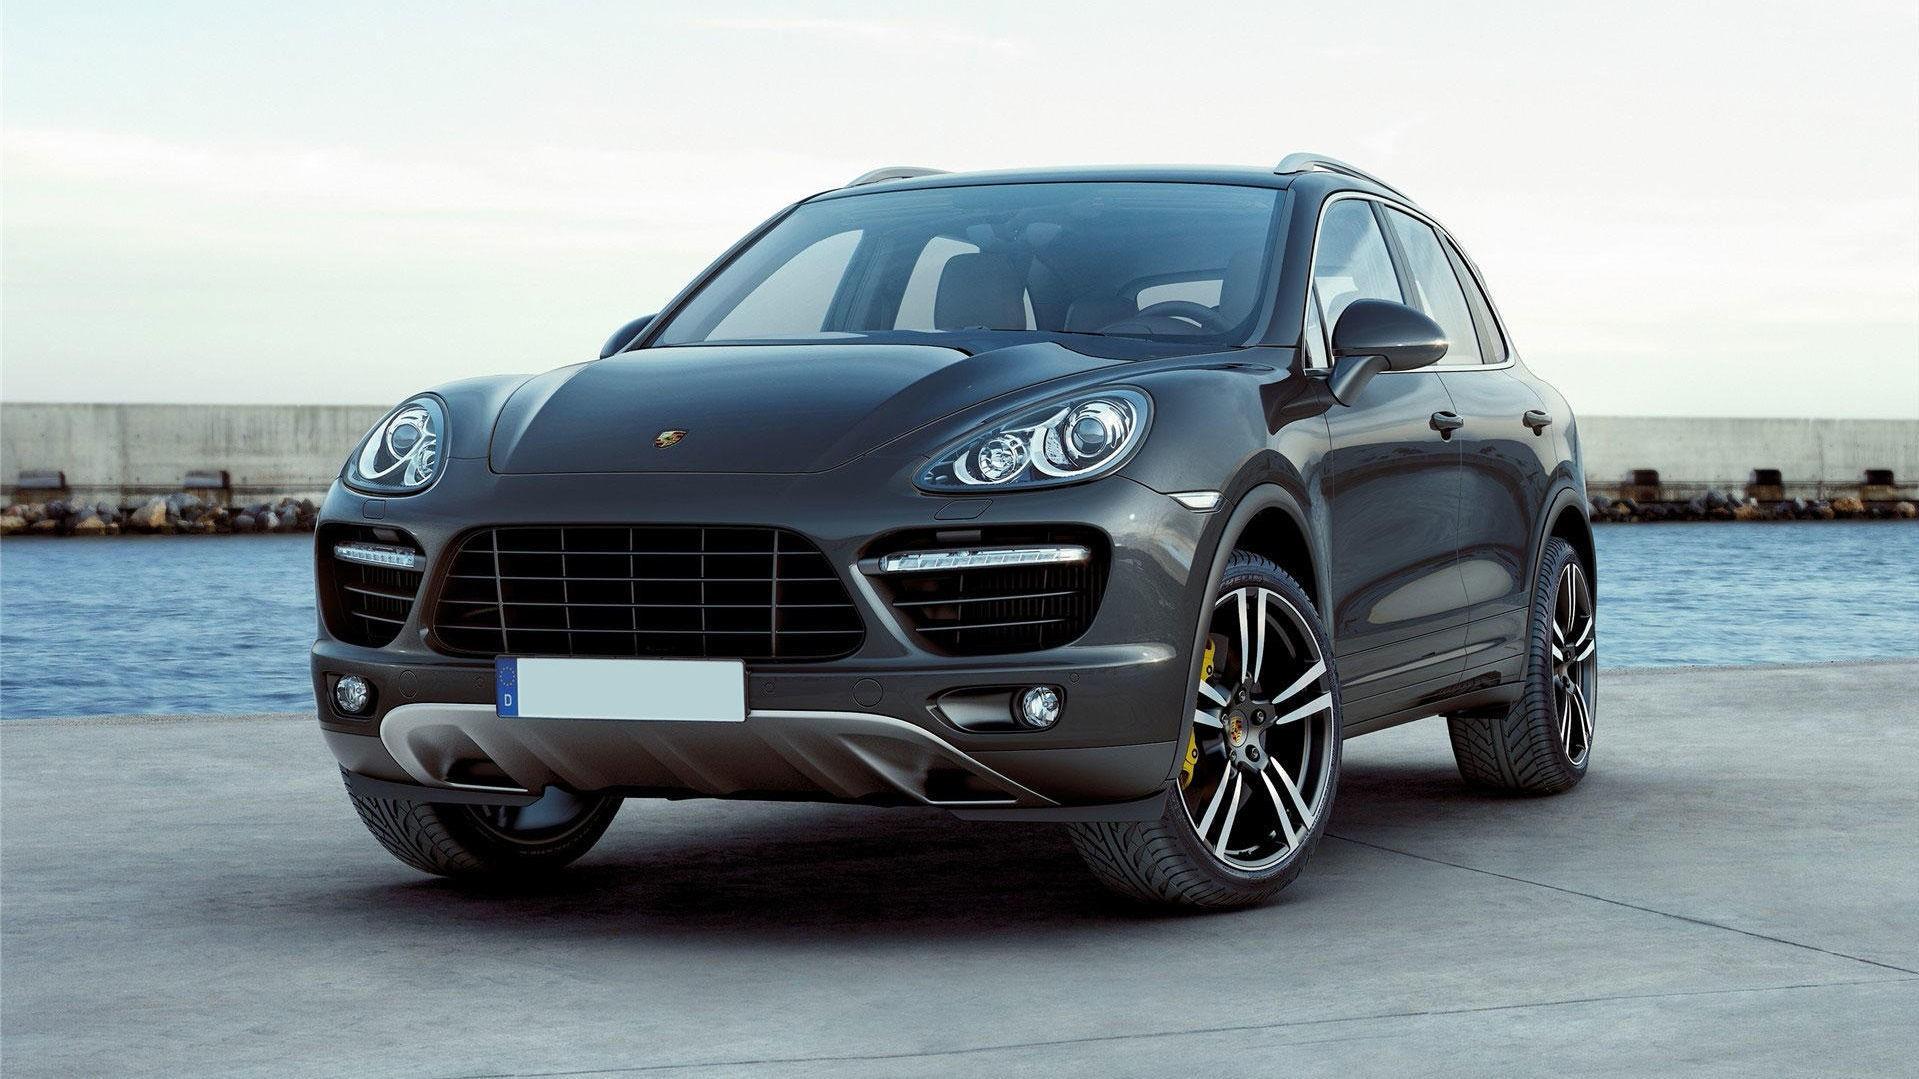 Porsche Cayenne av utgående generasjon begynner å bli svært gunstig i bruktbilmarkedet. Du får den nå helt ned i 449.000 kroner.